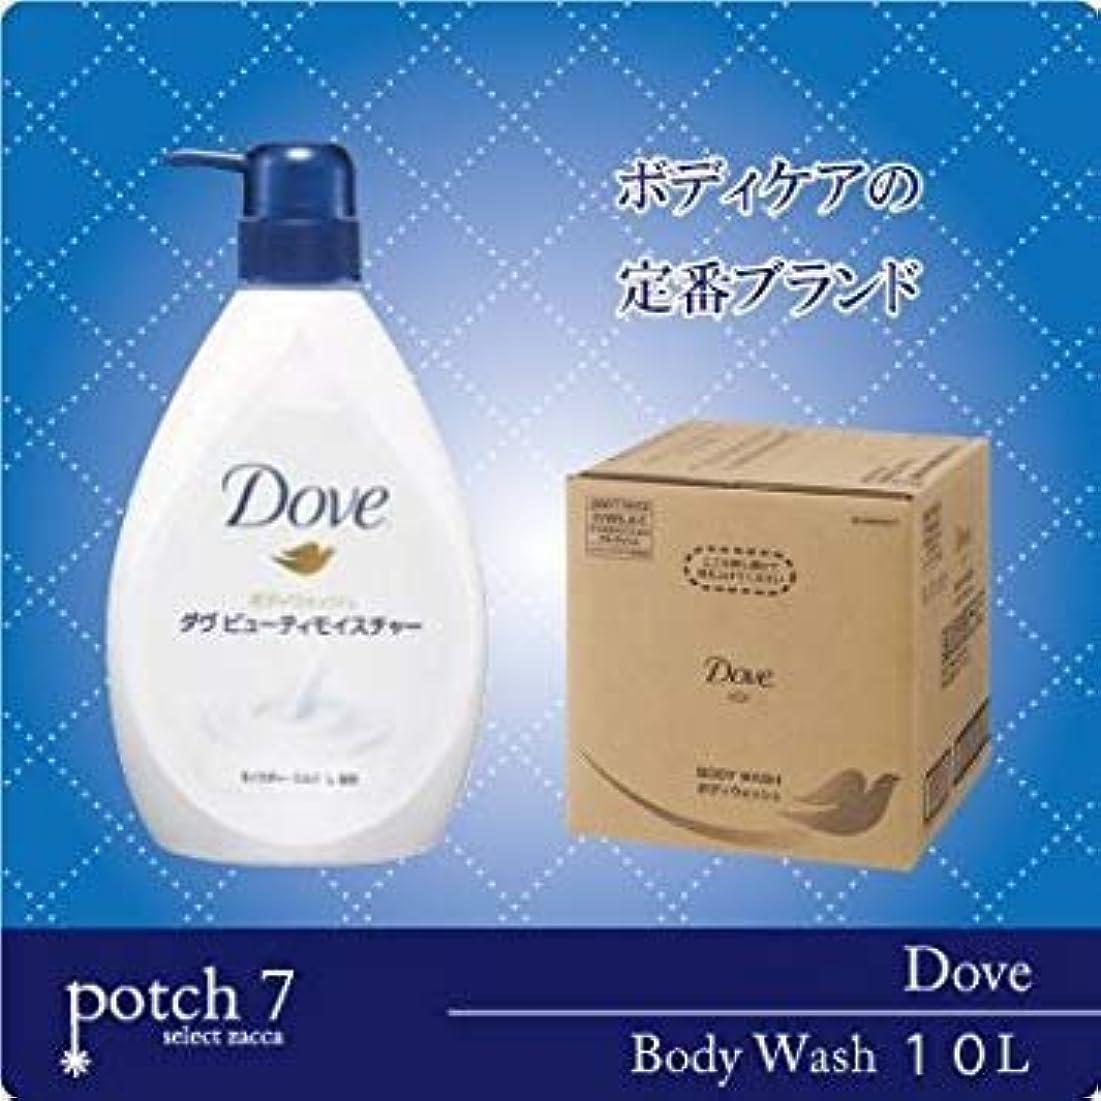 トリッキー再編成する名前Unilever ユニリーバ Dove ダヴ 10L ボディソープ 詰替え 空容器520g×1本付